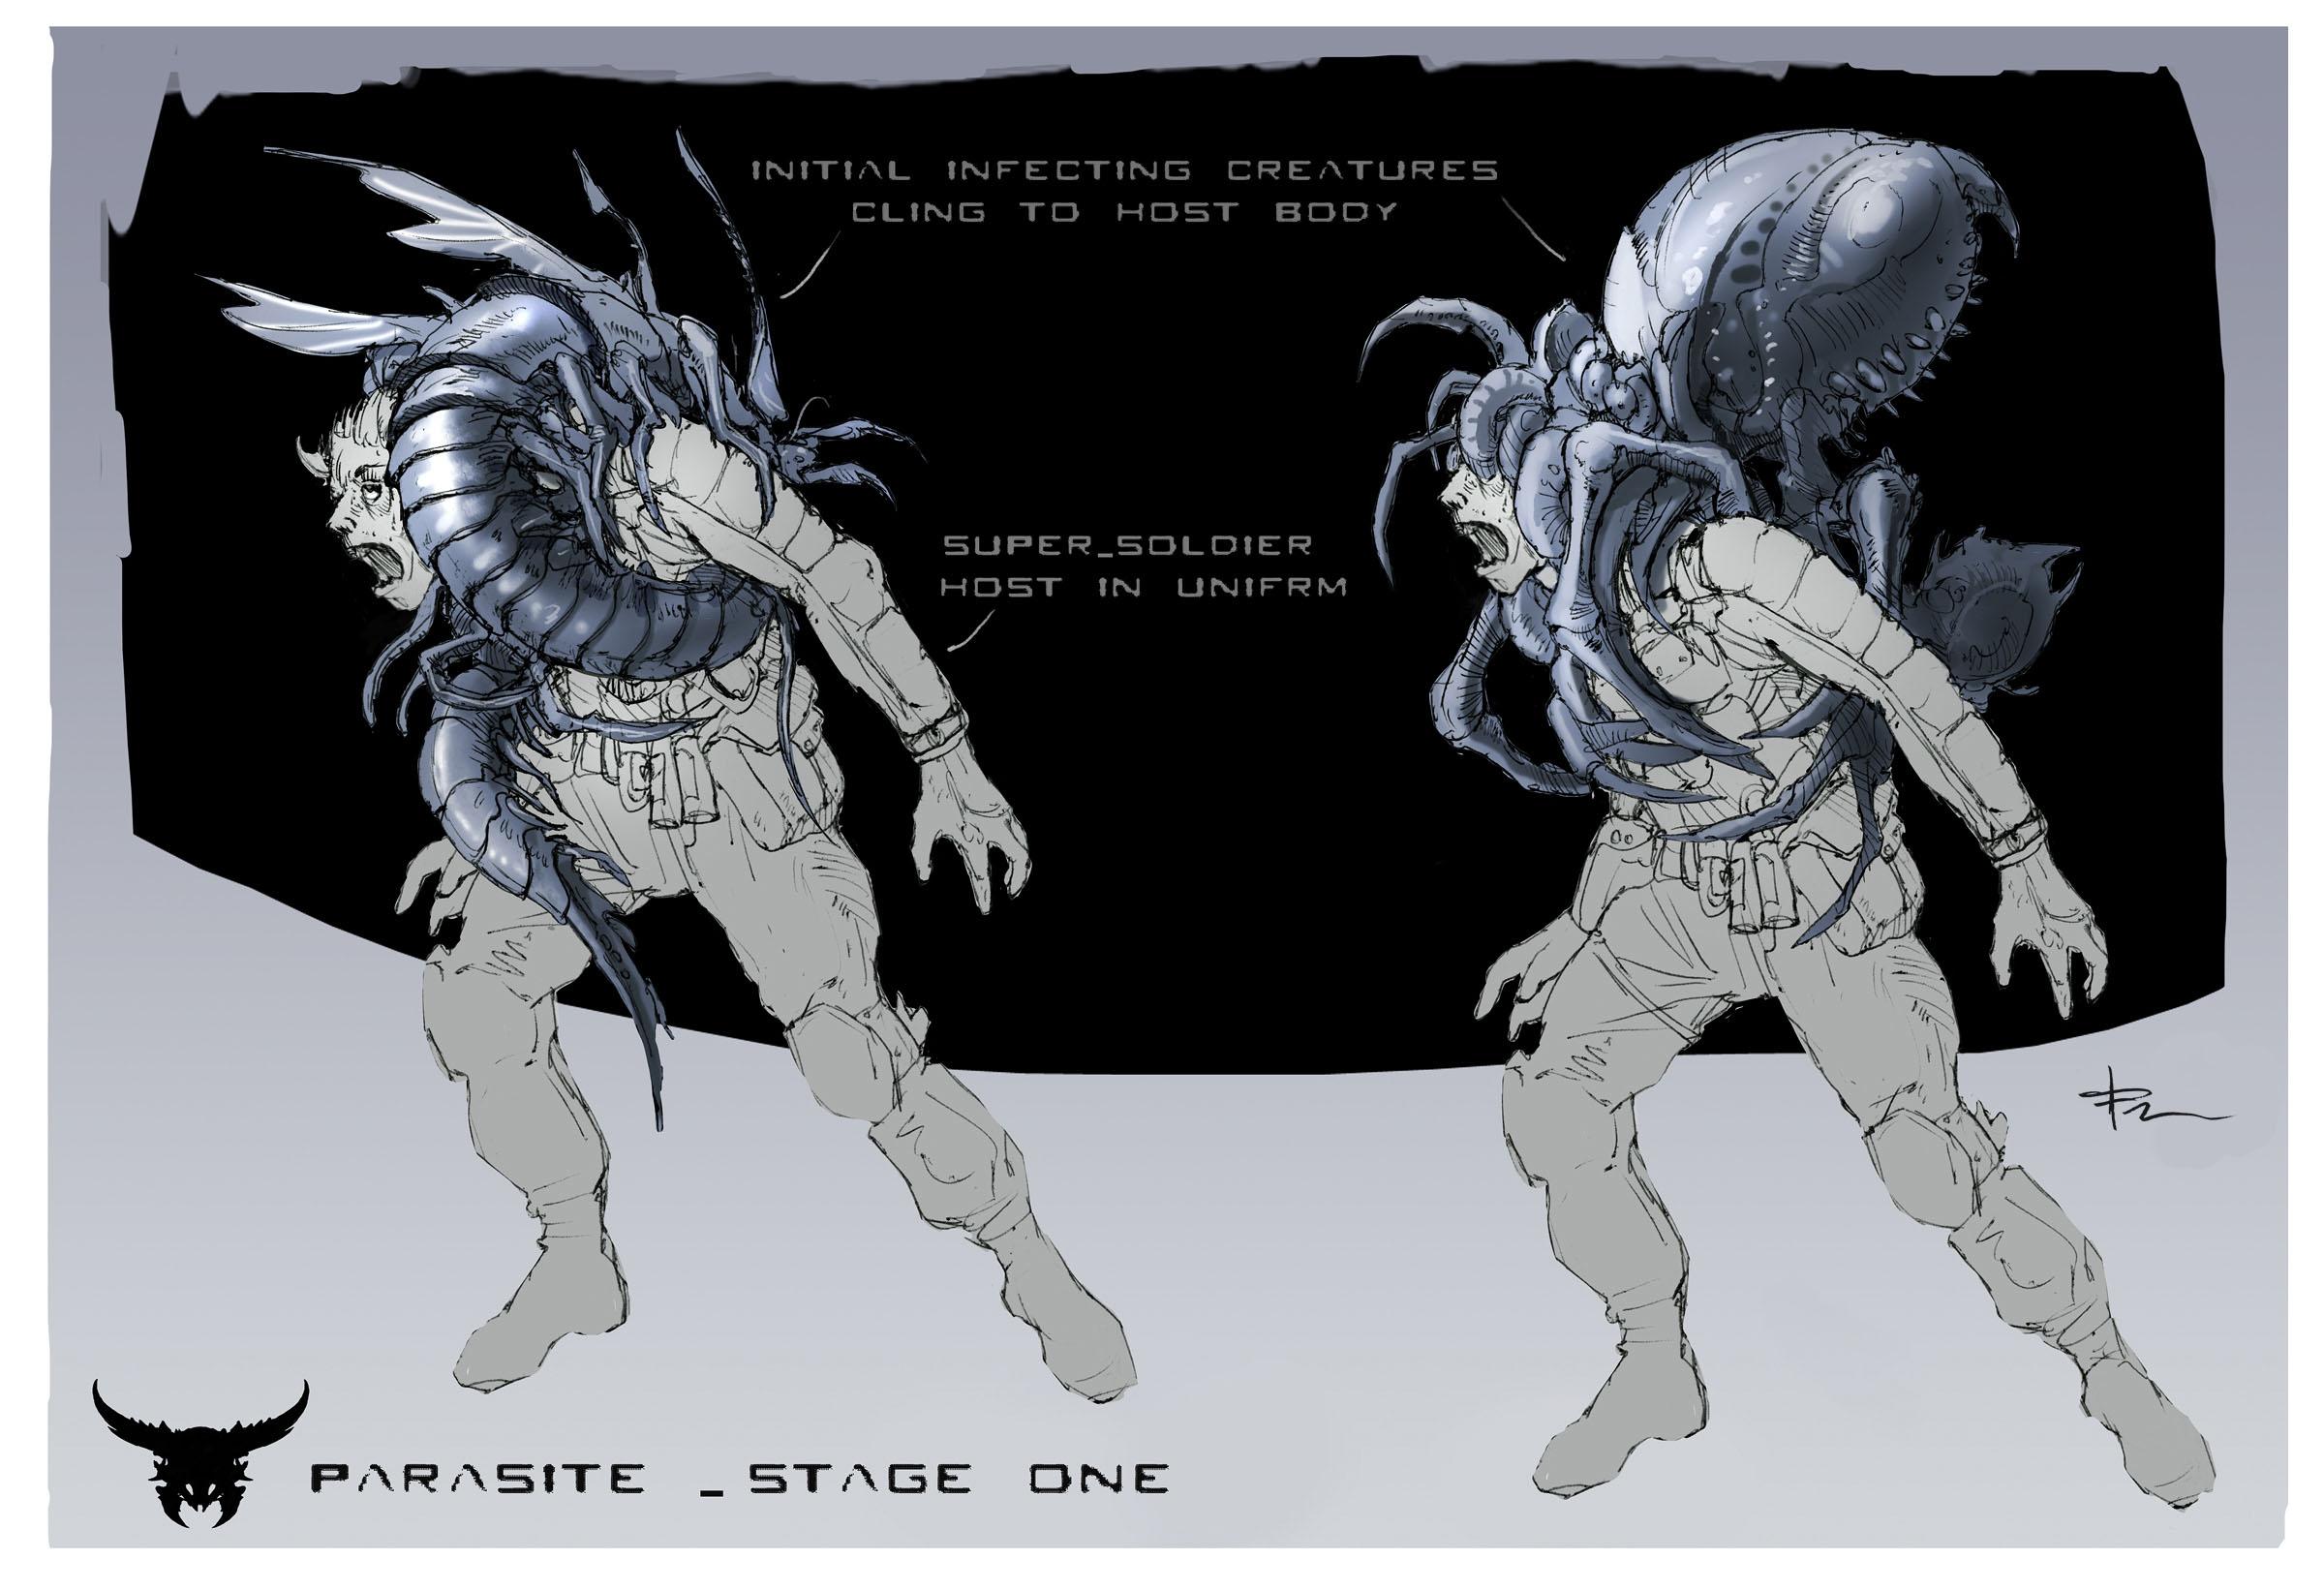 TJFRAME-ART_Evolve_parasiteStage1.jpg